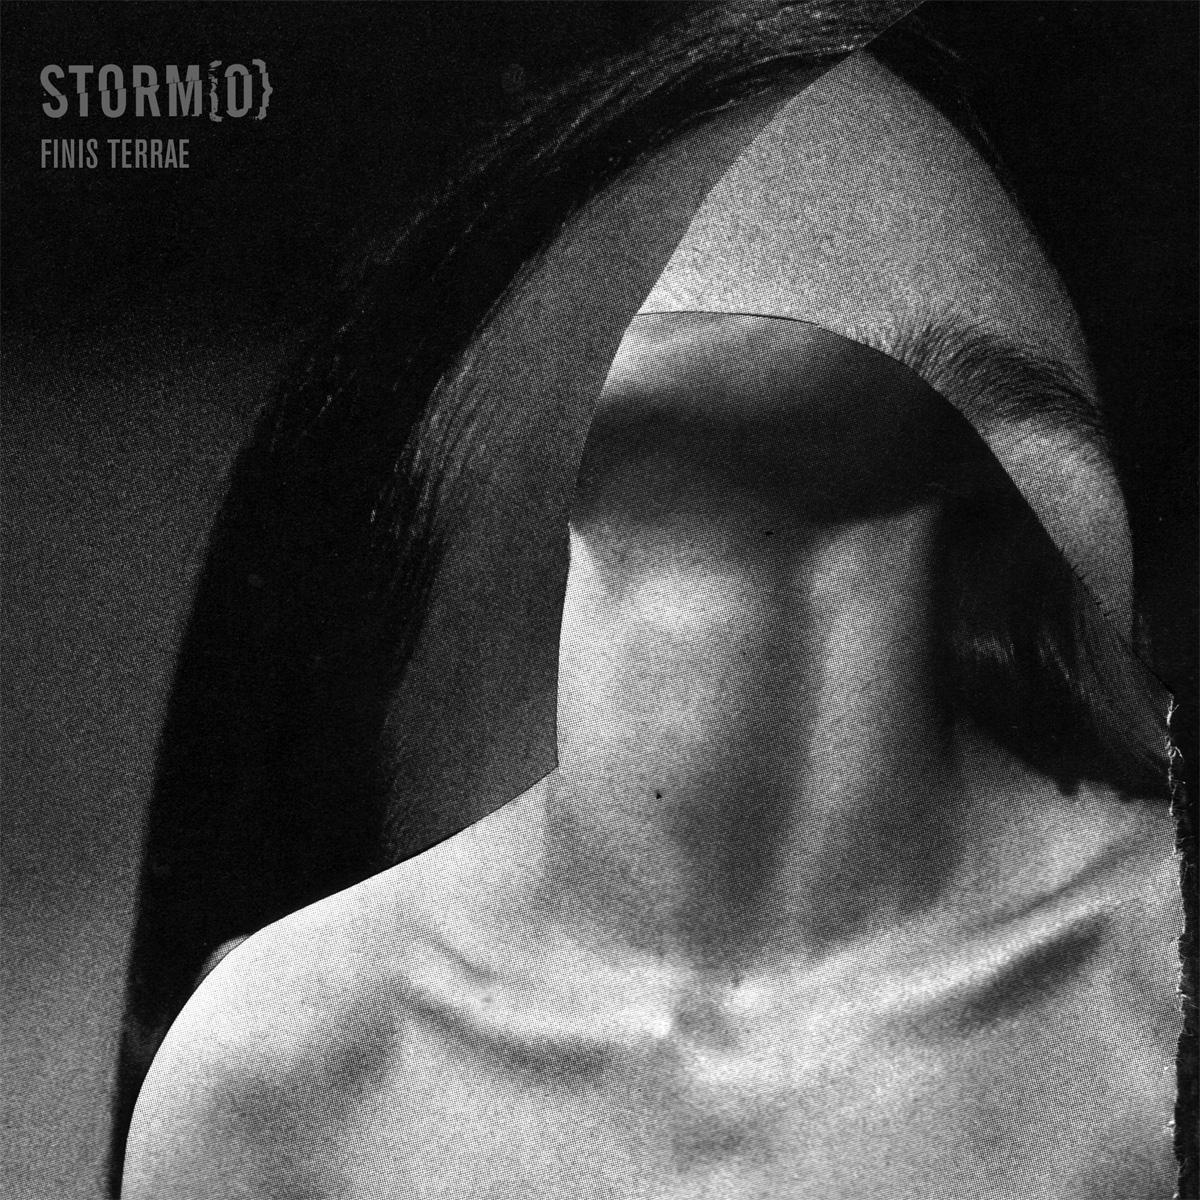 Storm{o} - Finis Terrae CD/LP